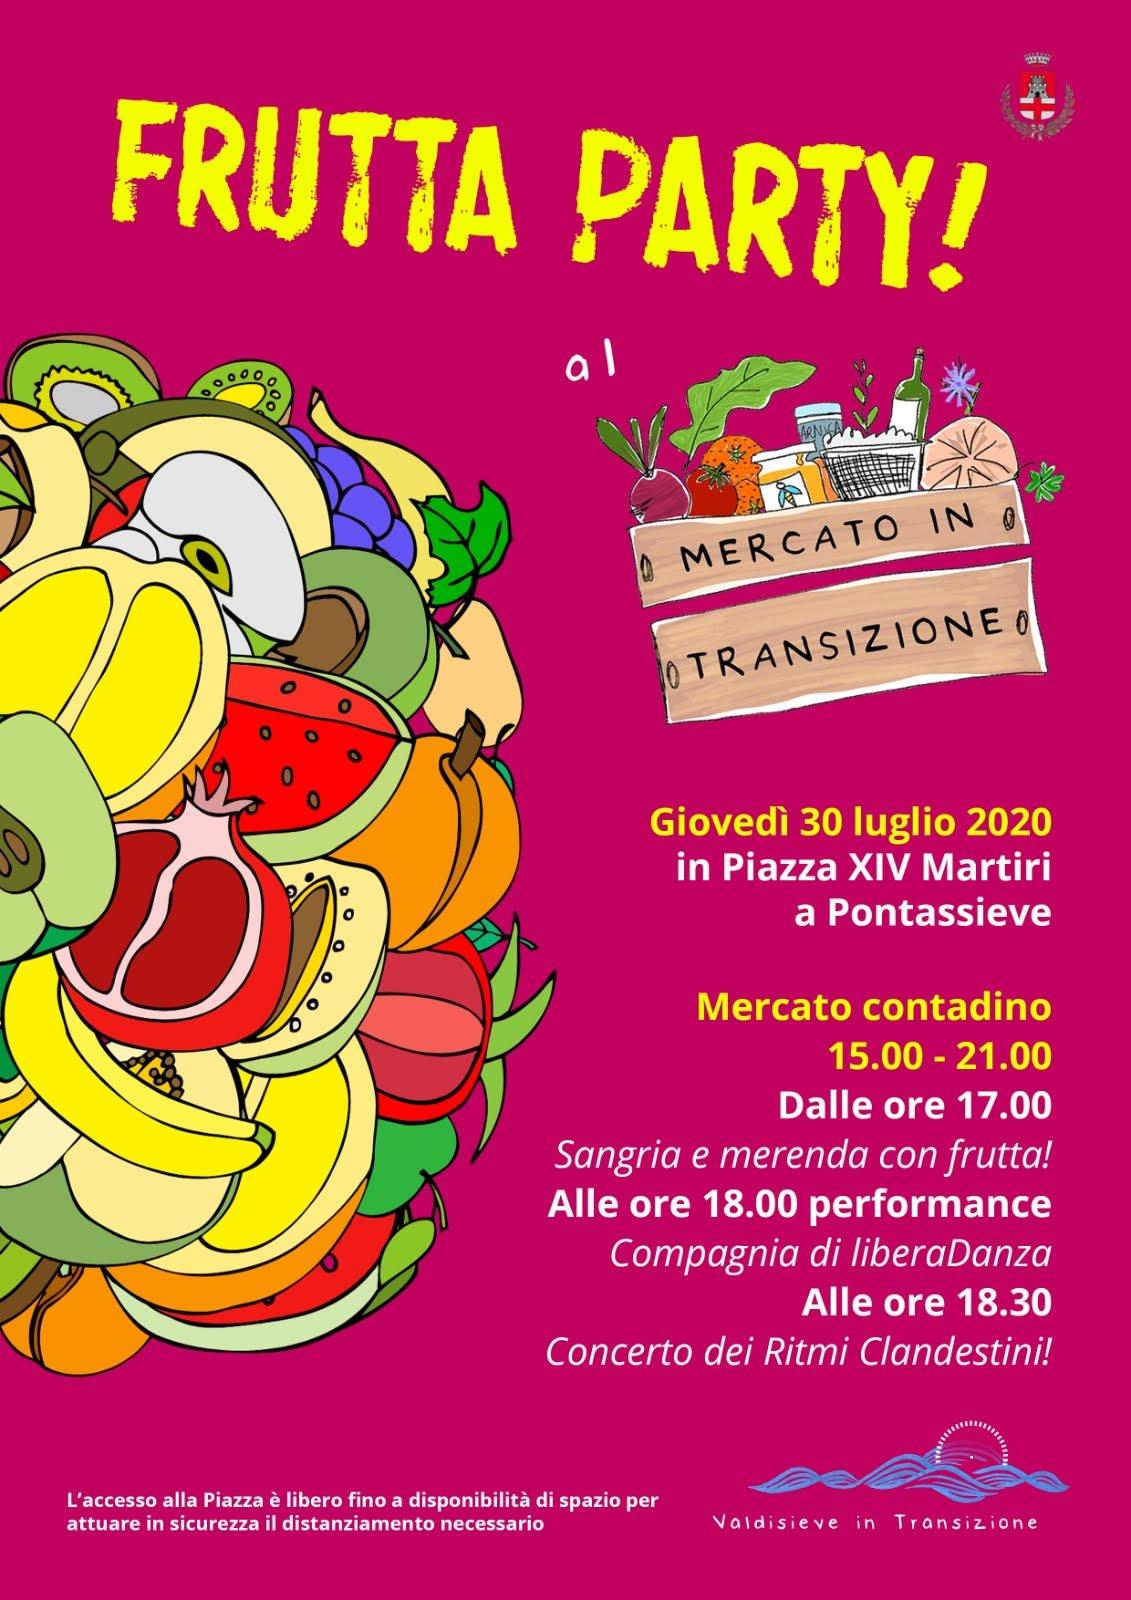 fruttaparty